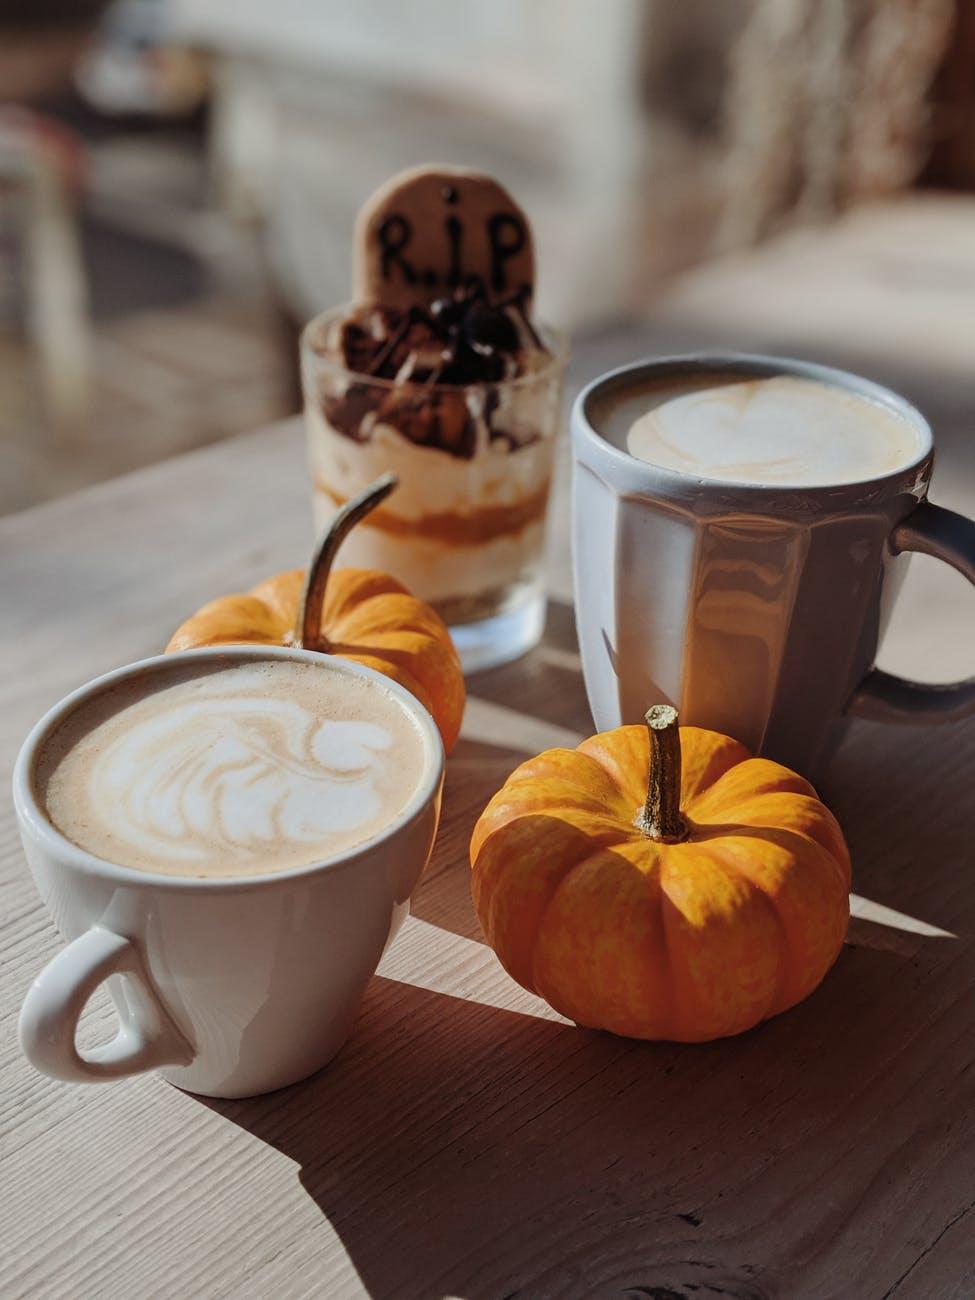 two mug of cafe latte